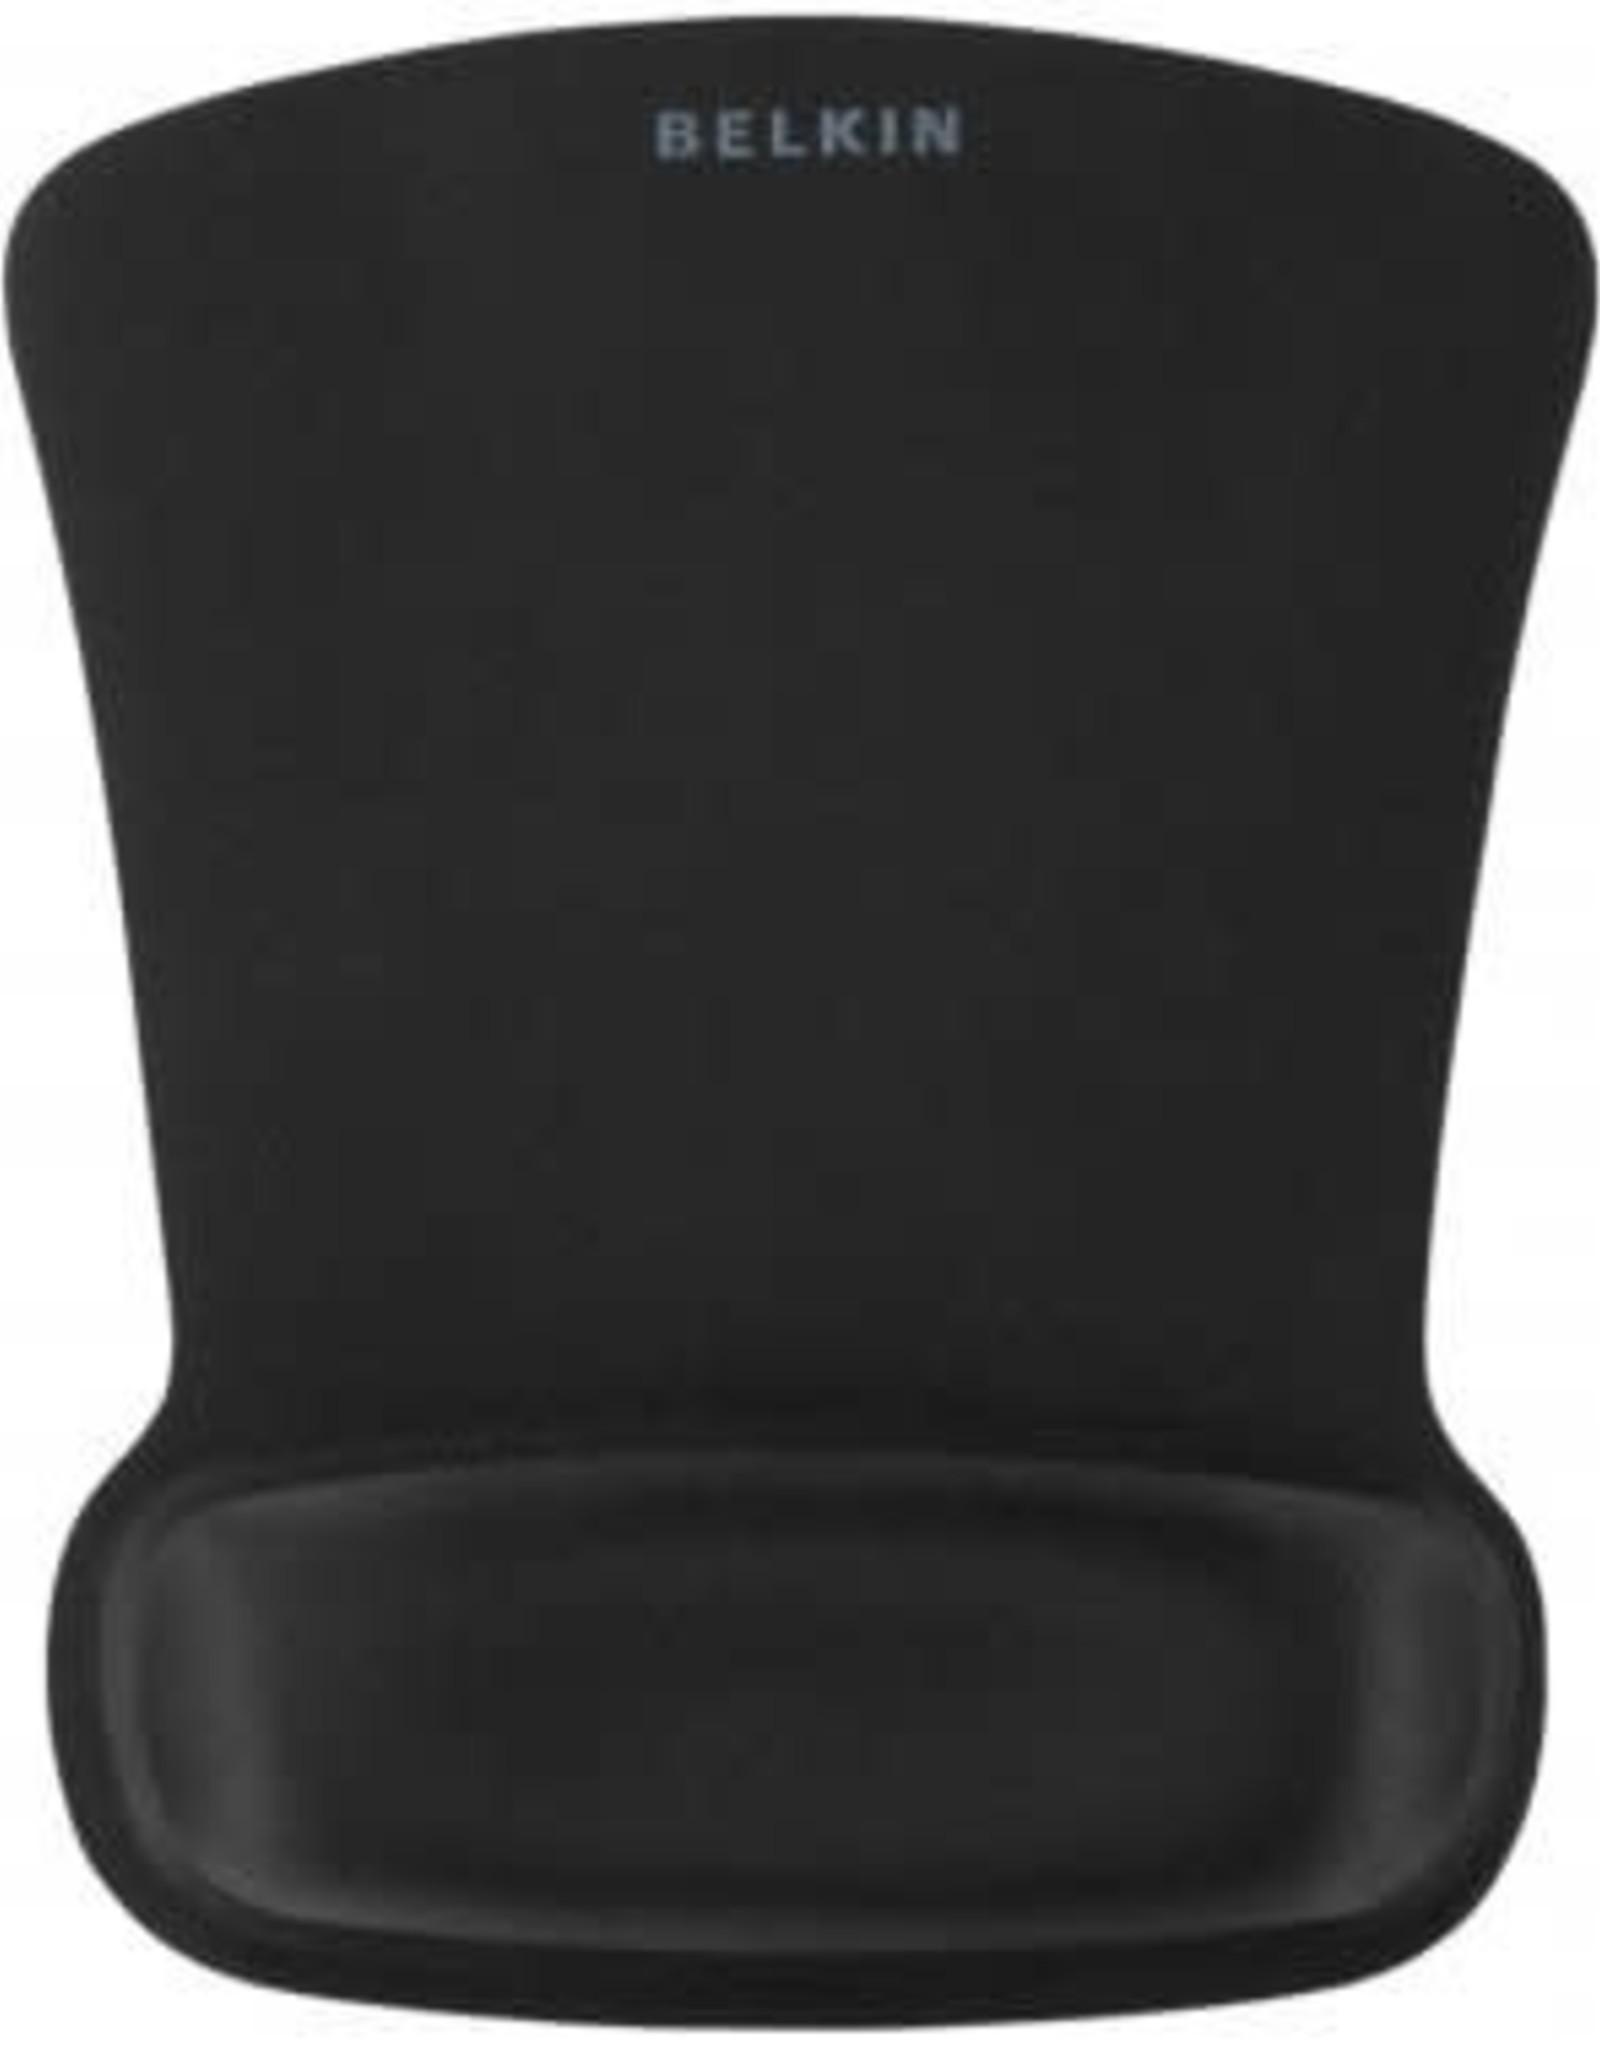 Belkin Belkin   Black Gel Filled Waverest Mouse Pad   F8E262-BLK